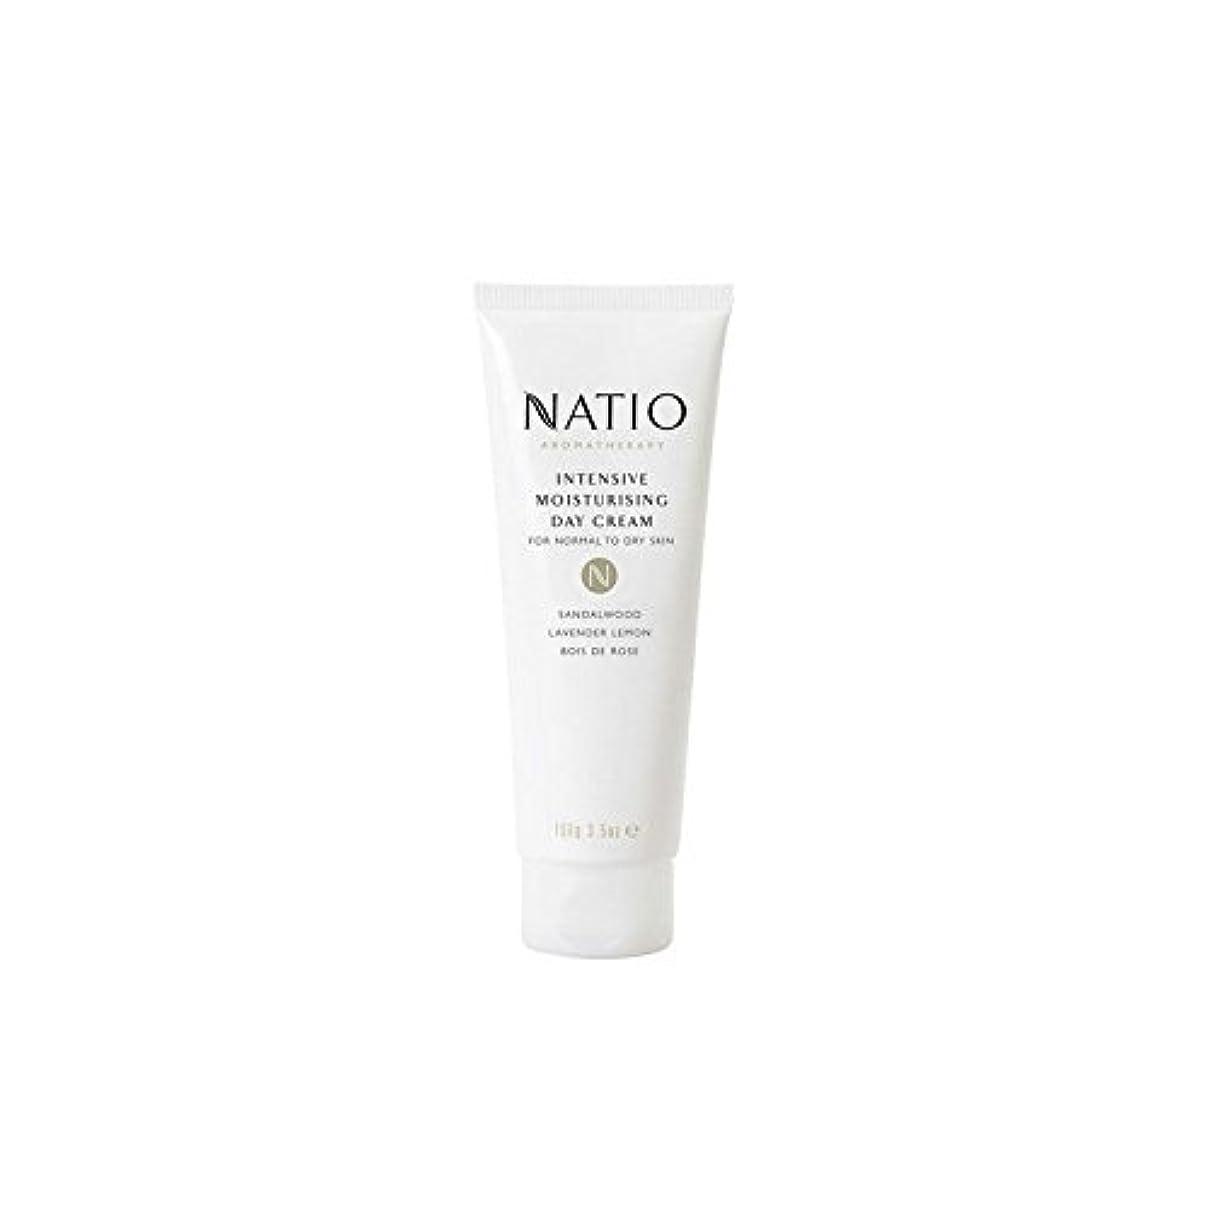 個性フィット安定集中的な保湿デイクリーム(100グラム) x2 - Natio Intensive Moisturising Day Cream (100G) (Pack of 2) [並行輸入品]